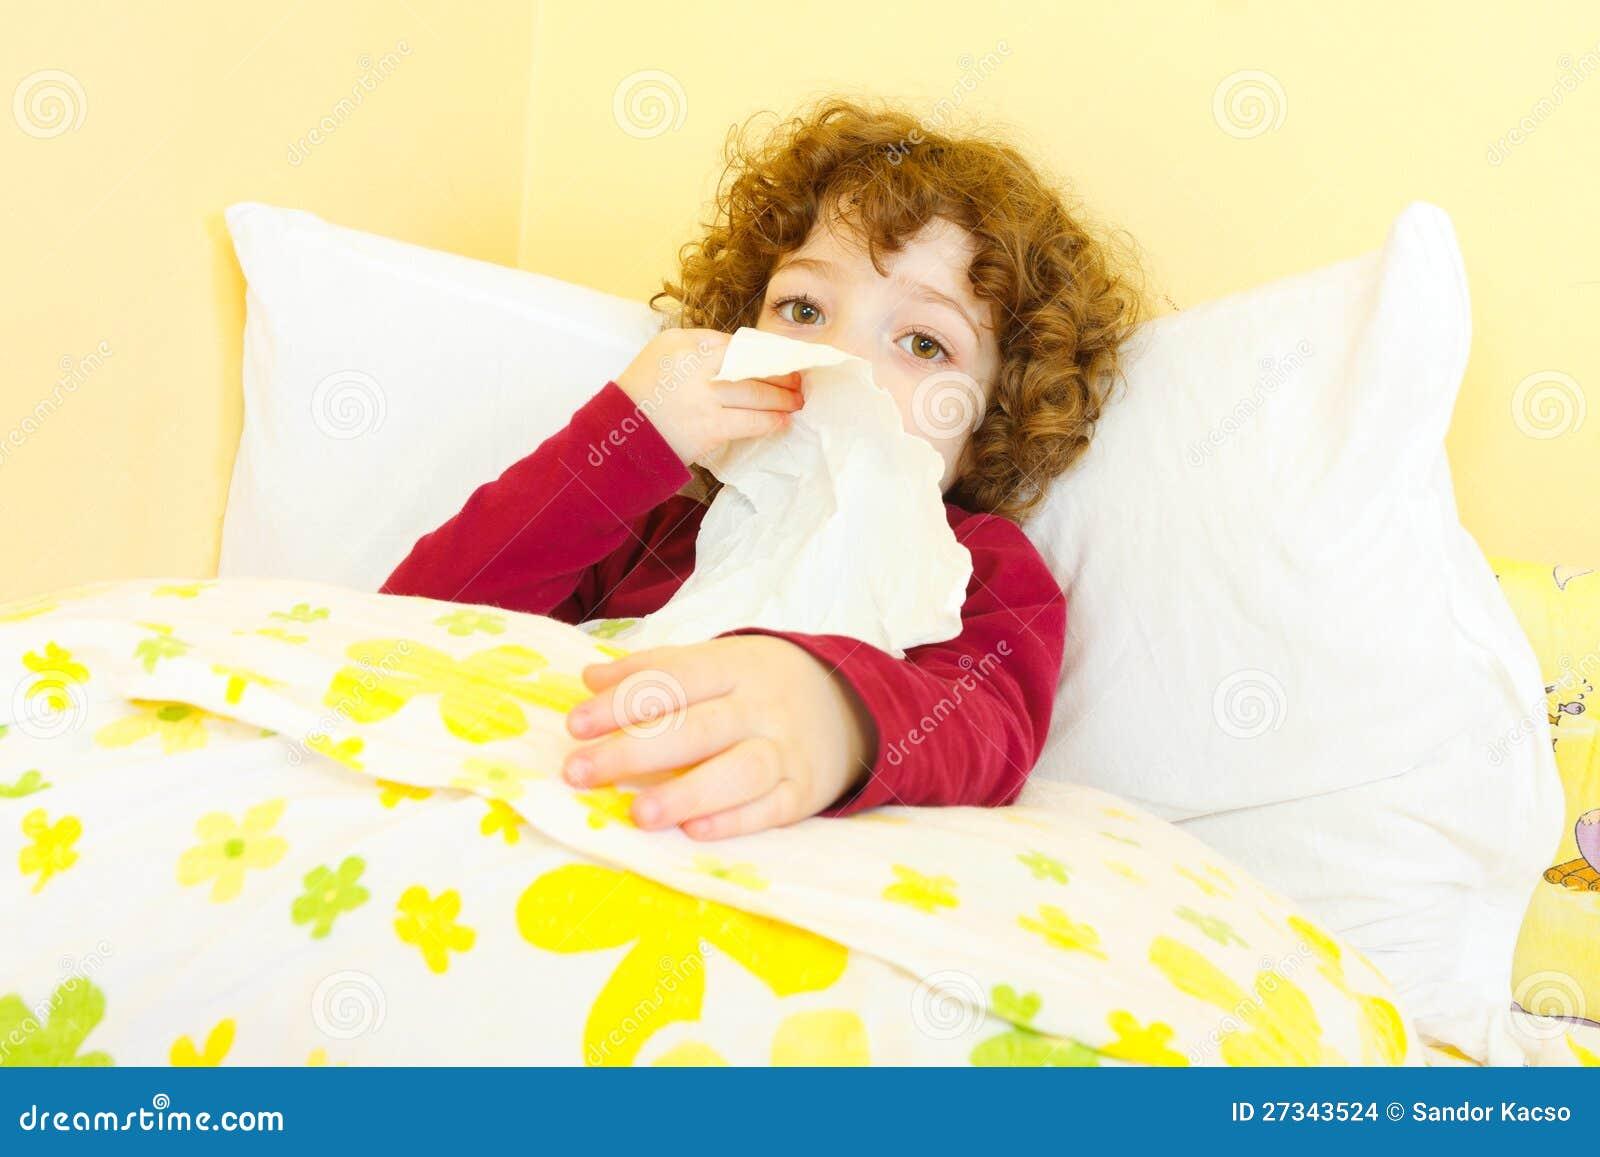 Ziek kind in bed dat haar neus blaast stock afbeeldingen afbeelding 27343524 - Bed dat rangschikt ...